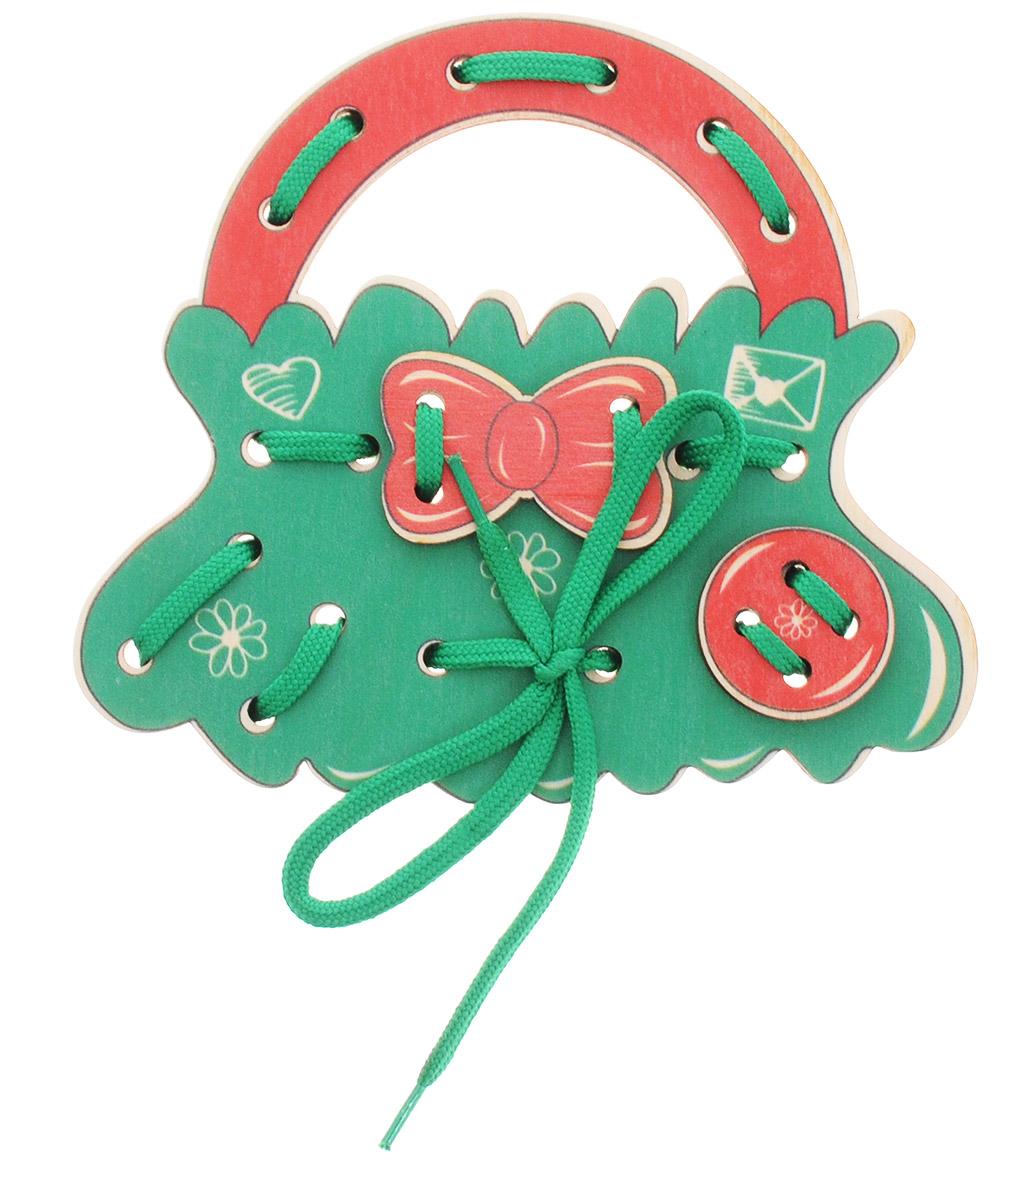 Развивающие деревянные игрушки Шнуровка-сумочка Итальянская историяД475аШнуровка Развивающие деревянные игрушки Итальянская история выполнена в виде сумочки для маленьких модниц. Играя с этой шнуровкой, ребенок научится шнуровать и завязывать шнурочки на бантик. Игрушка поможет ребенку развить воображение, научиться компоновать и привязывать различные элементы друг к другу, создавая свой модный детский аксессуар. Шнуровка - незаменимая игрушка для развития мелкой моторики. А шнуровка в виде веселой игры станет для ребенка самым любимым развлечением.